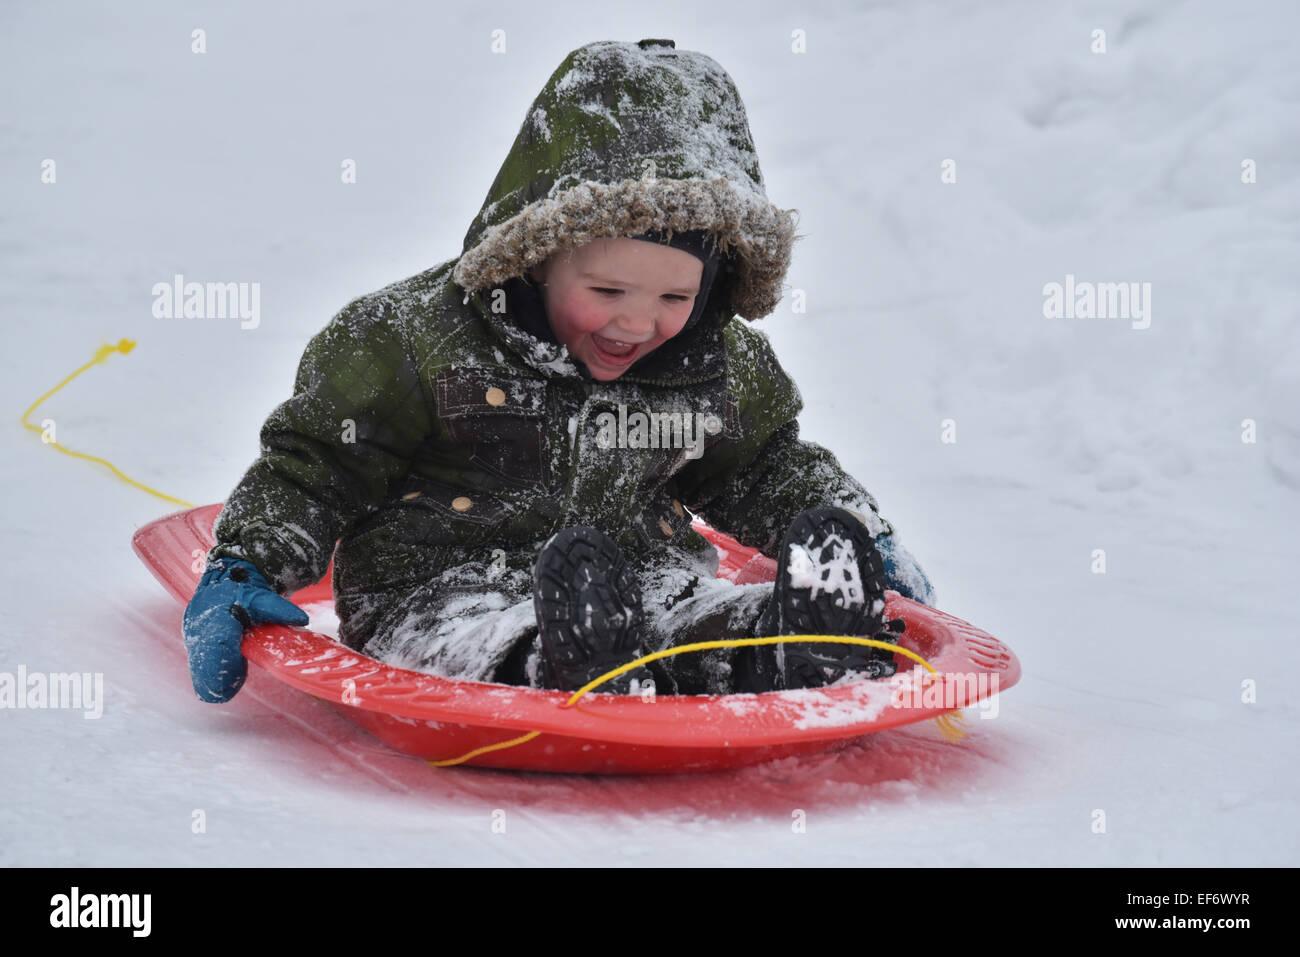 Un joven (2 1/2 años) riendo mientras trineo Imagen De Stock